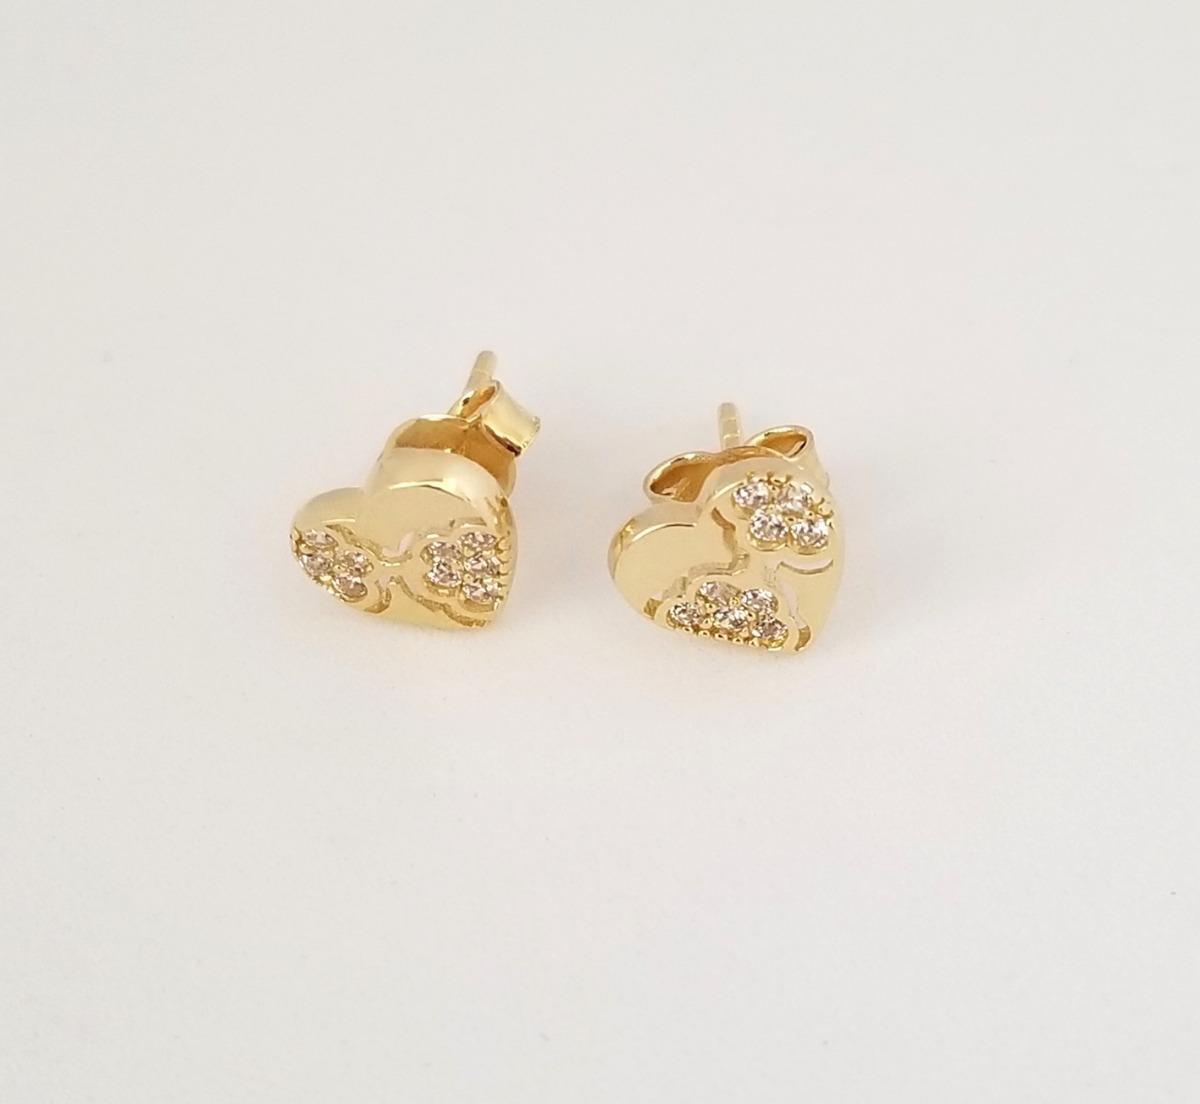 bd19aa529d7c hermosos aretes para dama oro 14k corazón piedras. Cargando zoom.